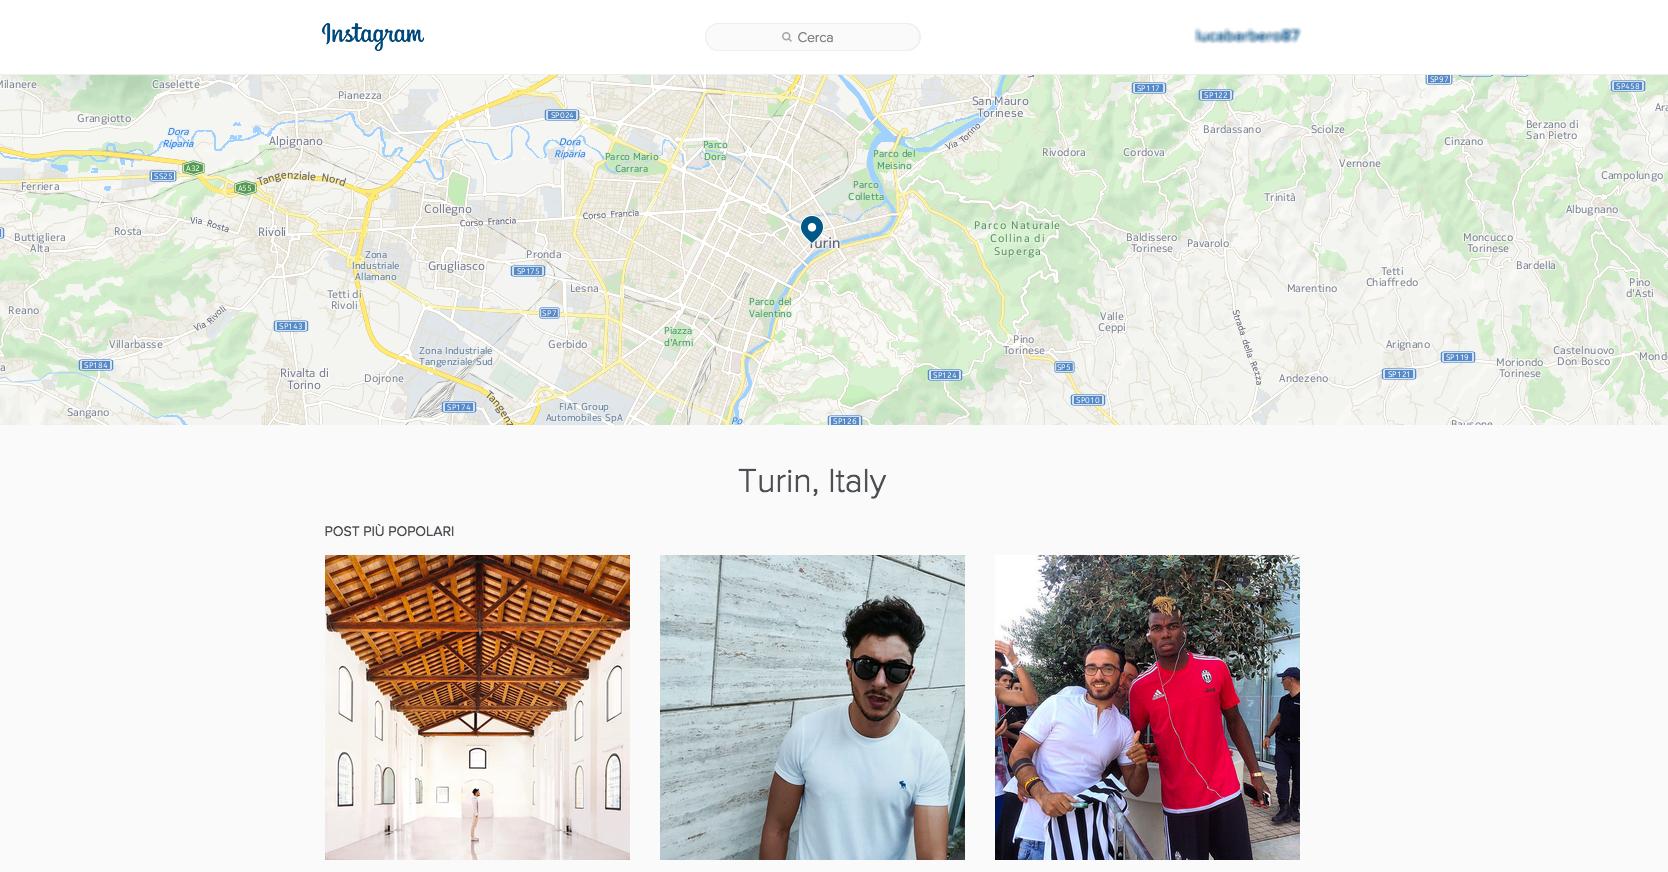 Instagram funzione cerca da desktop - Torino | Ecommerce Guru